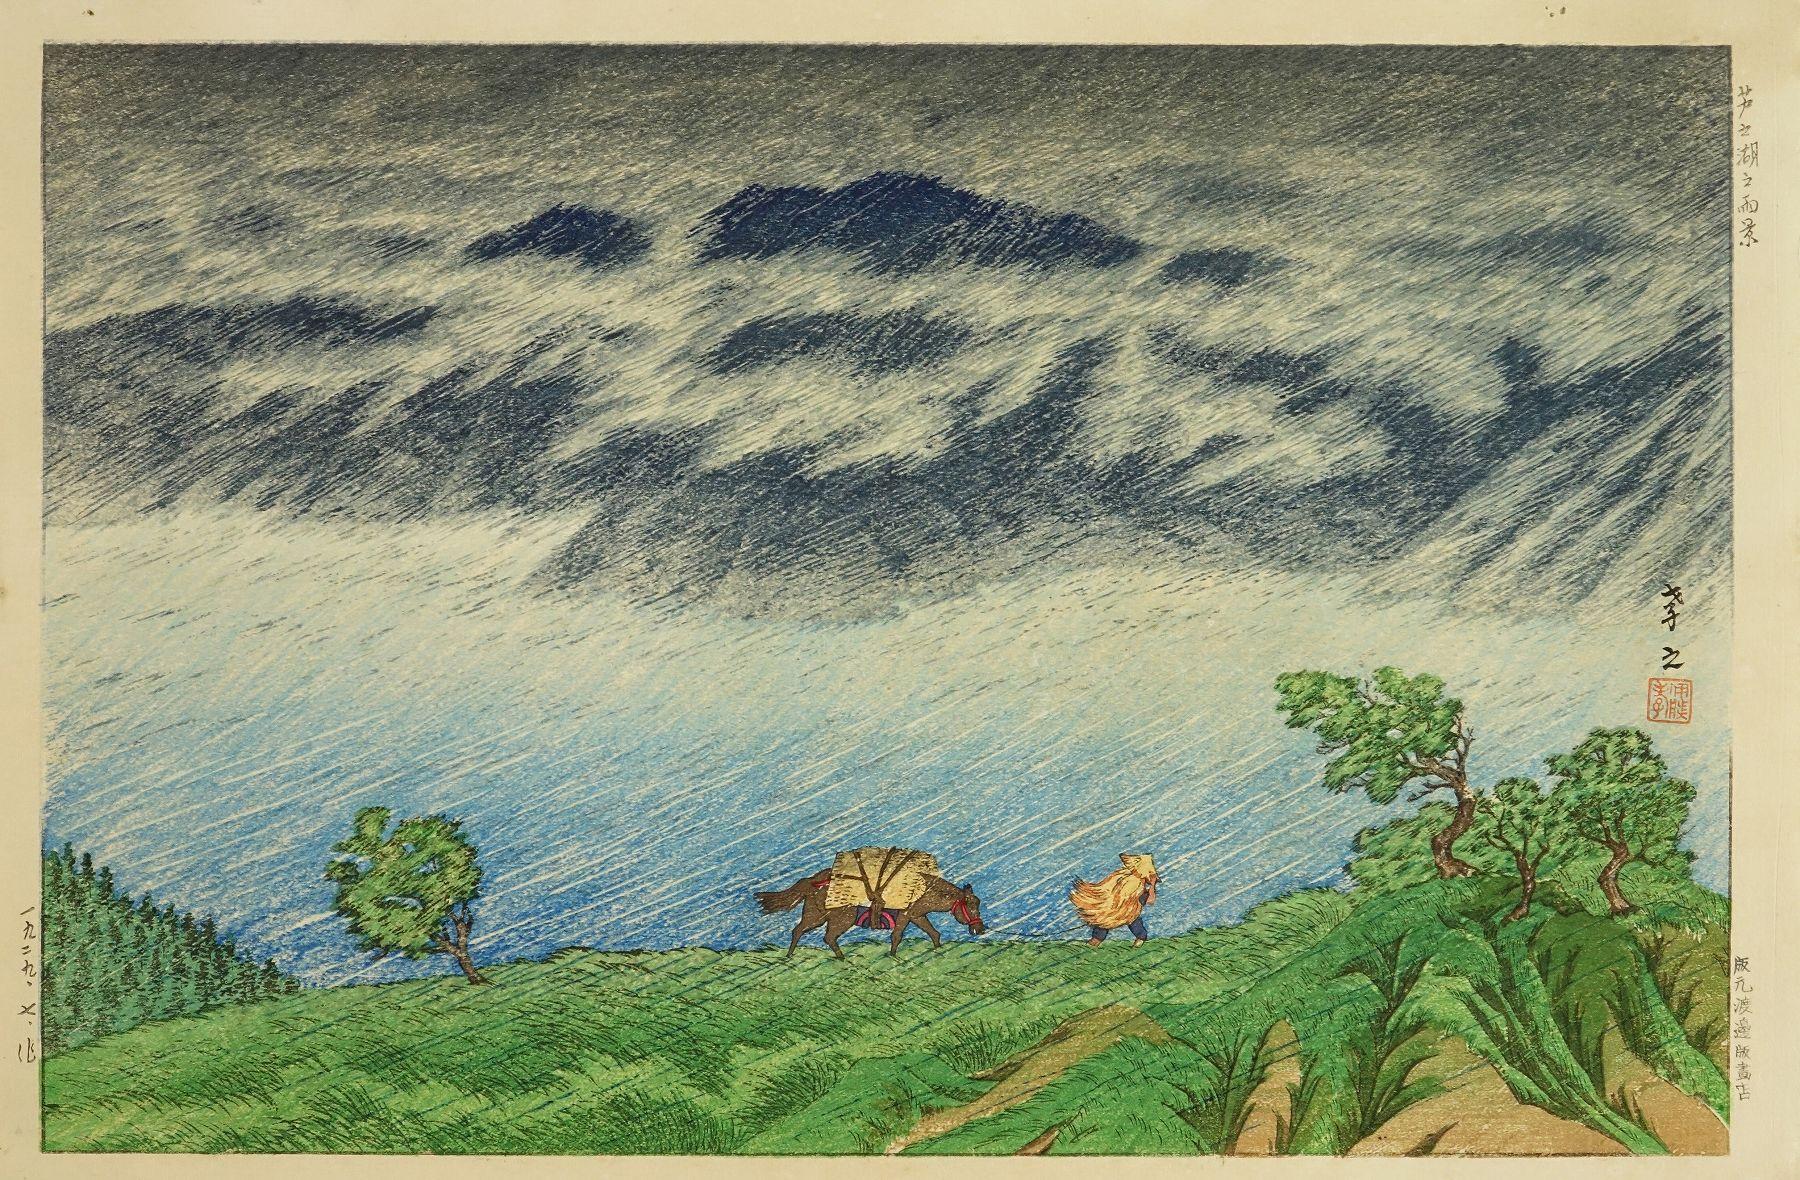 伊藤孝之 芦之湖之雨景